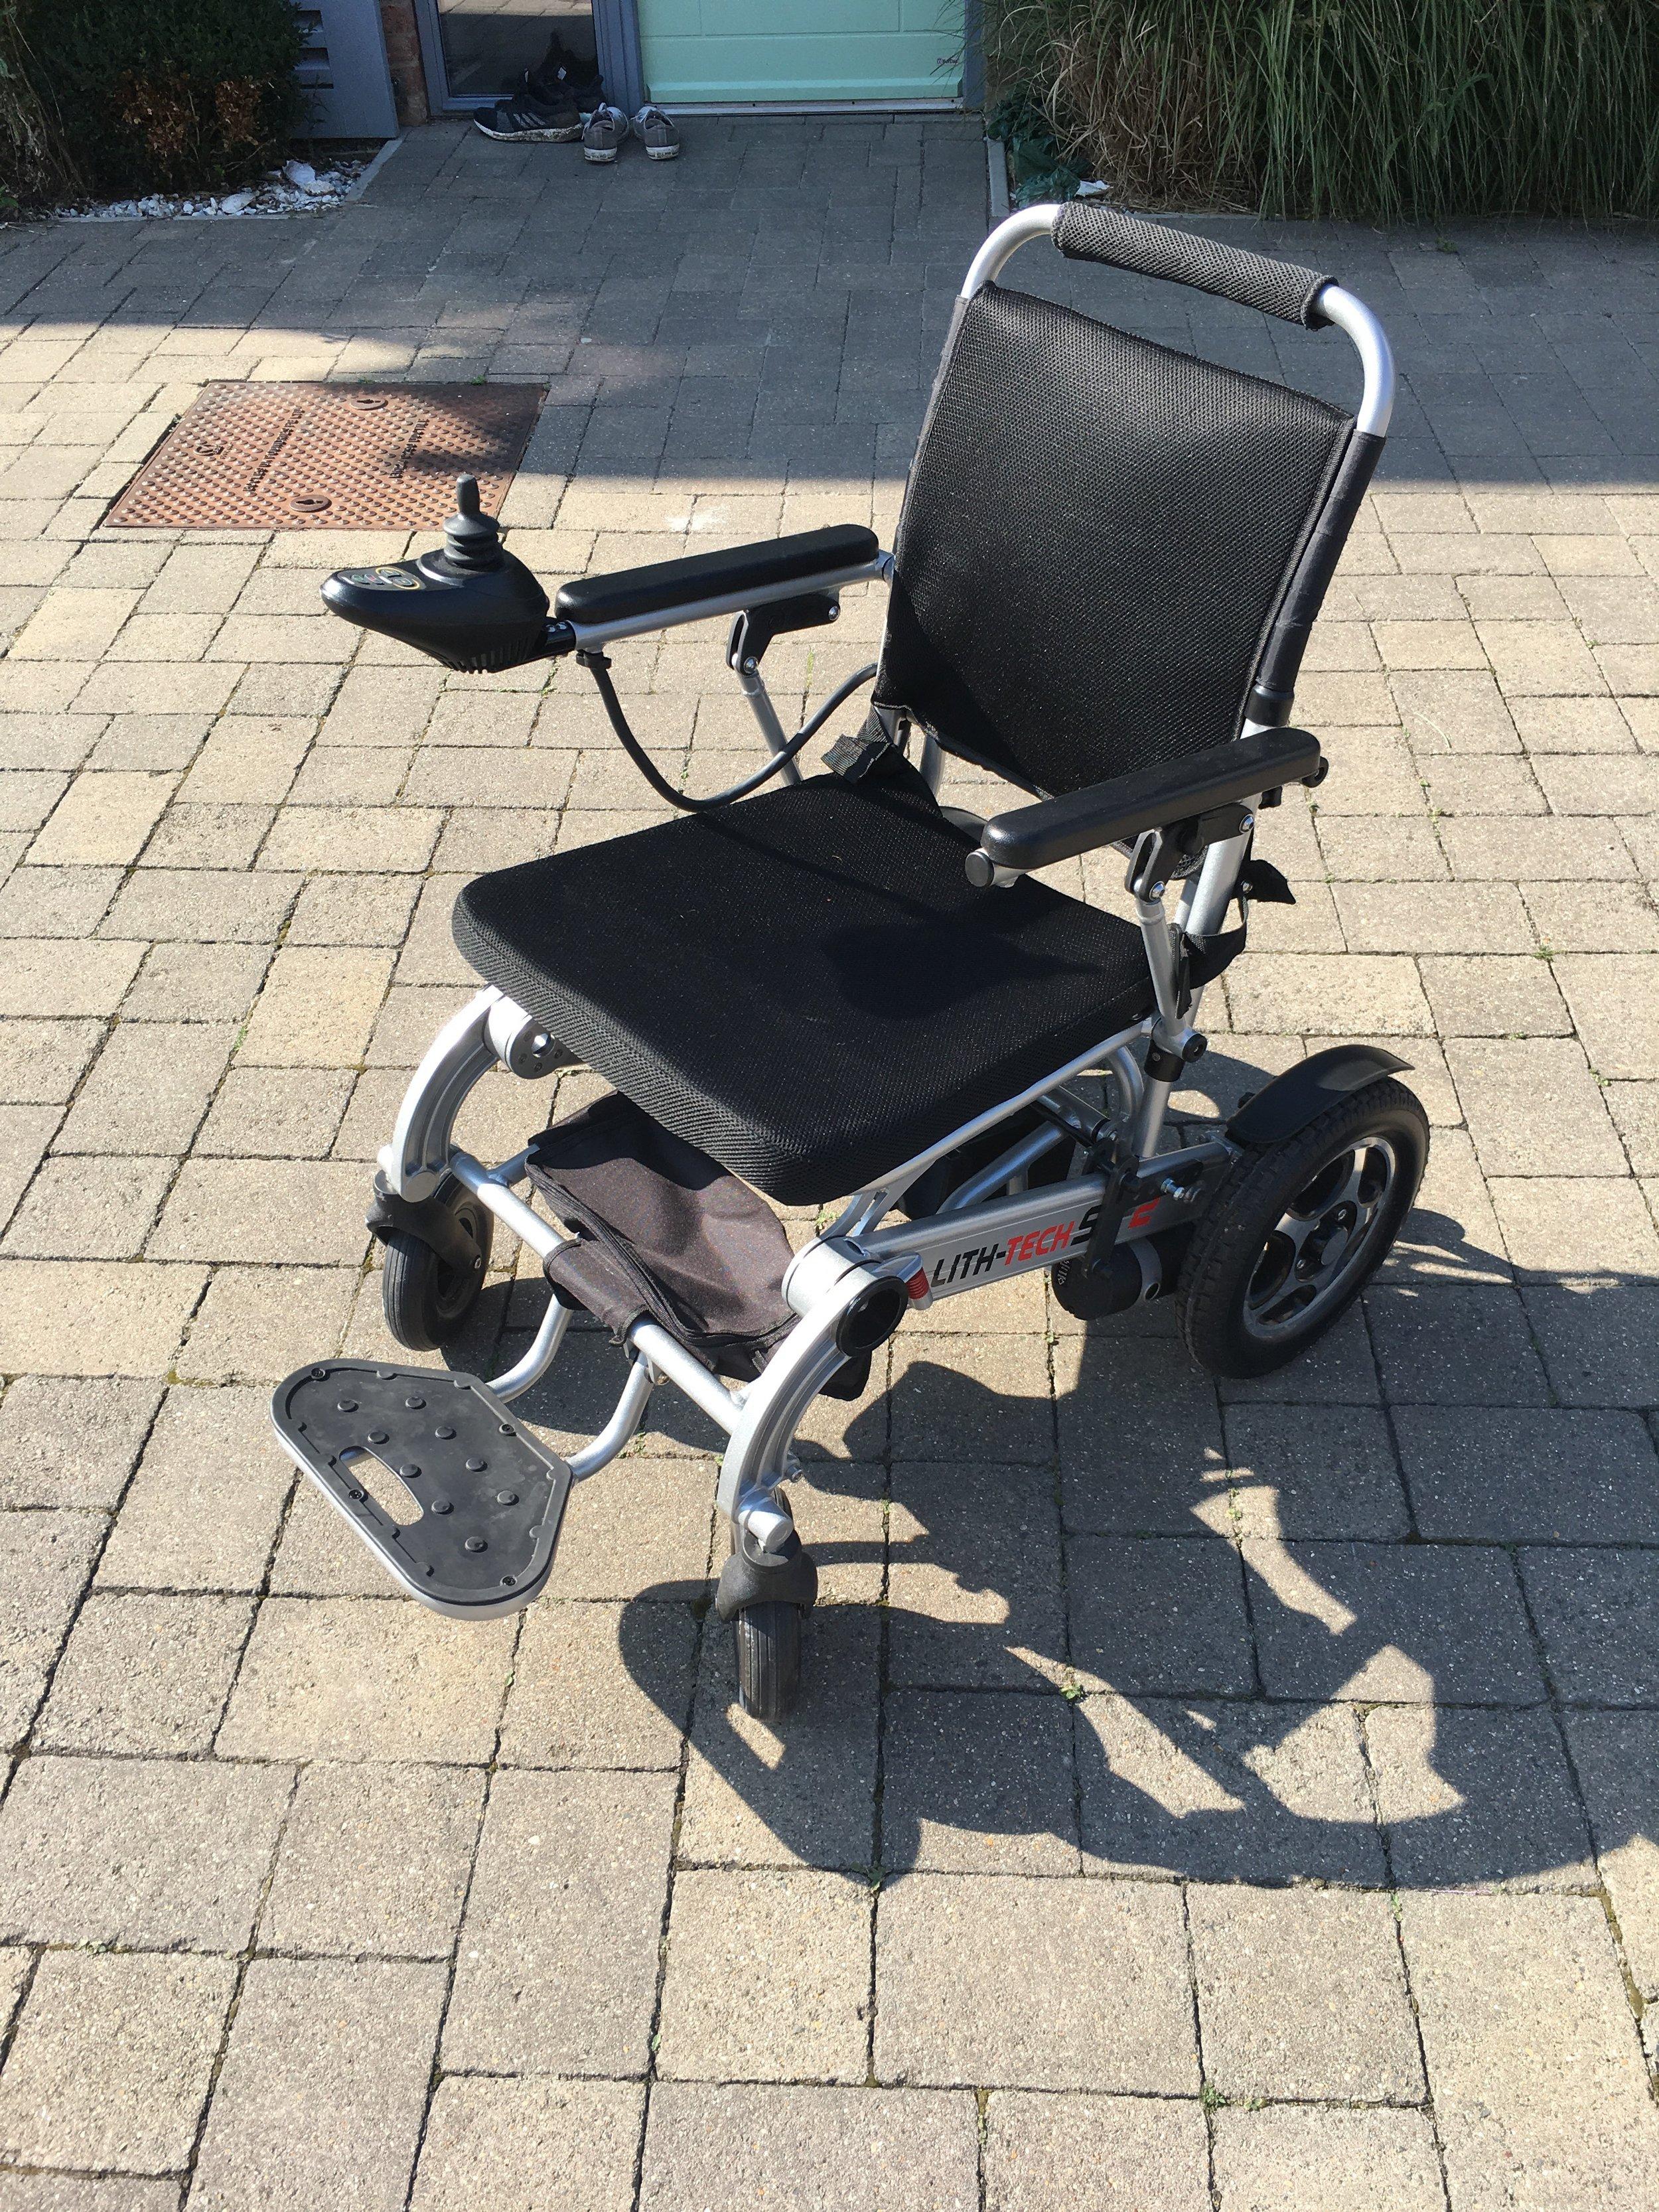 Lith-Tech Smart Chair 2 1.jpg